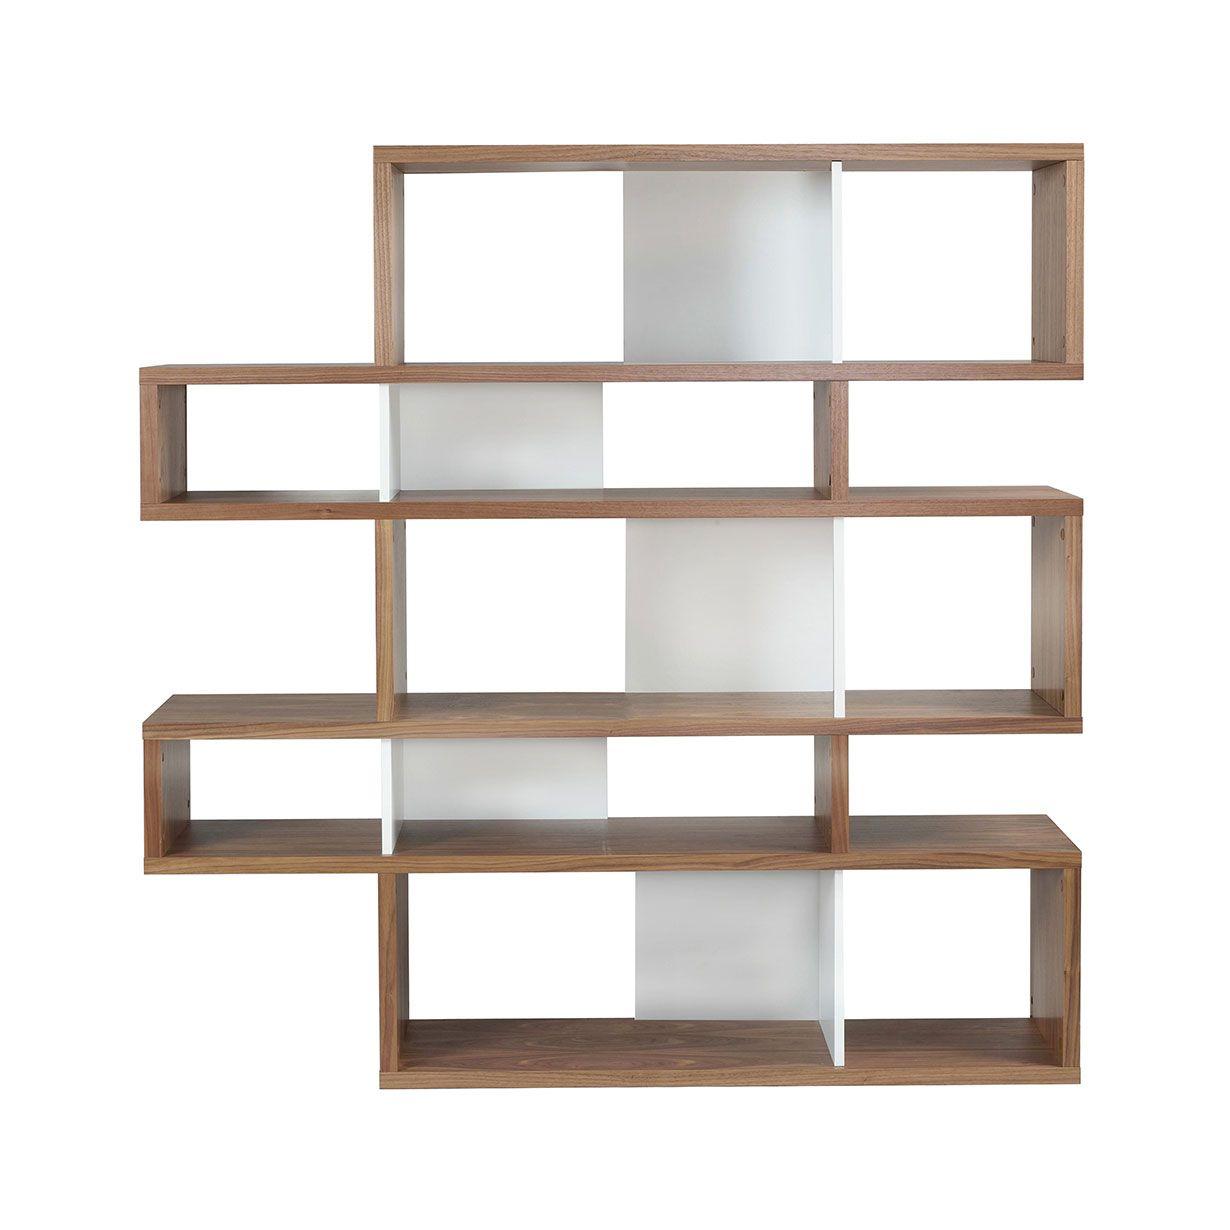 La estantería modular London es una solución carismática y funcional para ser utilizada contra una pared o como separador de ambientes en una habitación. Disponible en diferentes acabados para una versatilidad óptima. London es versátil y puede adaptarse a cualquier tipo de espacio. Dejáis que vuestra imaginación vuele y adaptáis cada módulo para crear la composición perfecta. El producto debe ser ensamblado y las instrucciones son presentes dentro del embalaje.